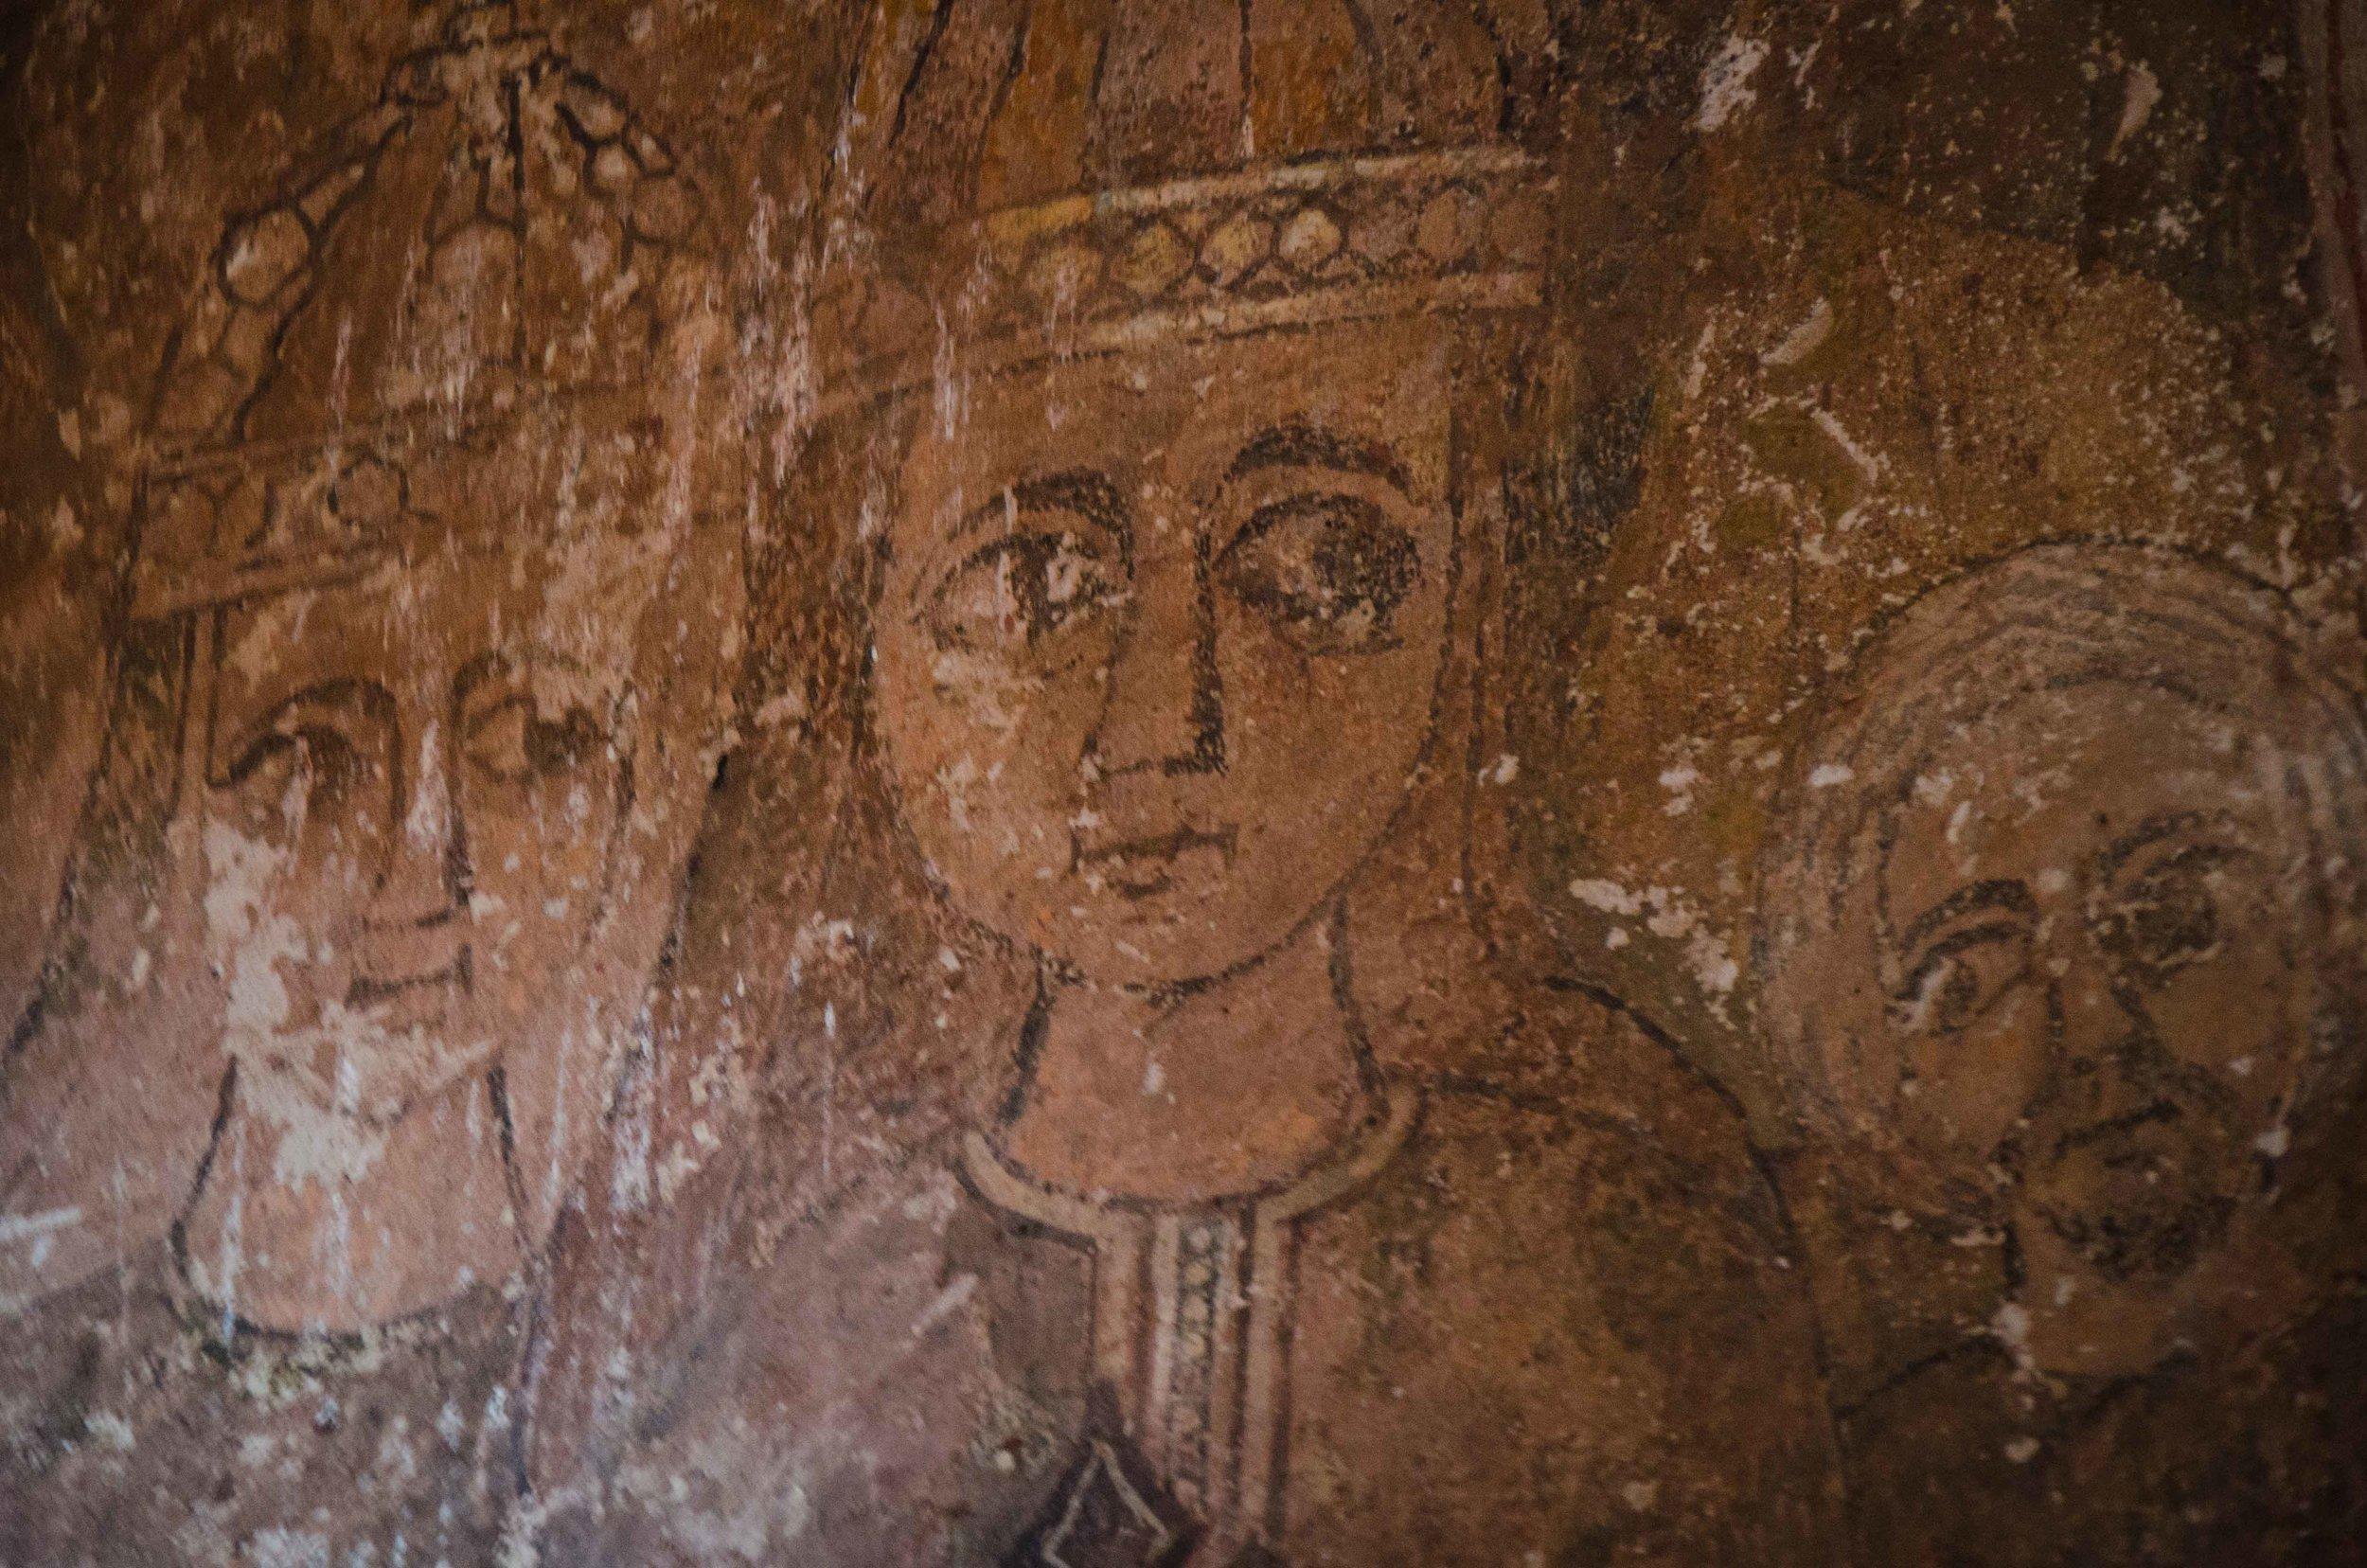 fresco-ethiopia-10-12-2012